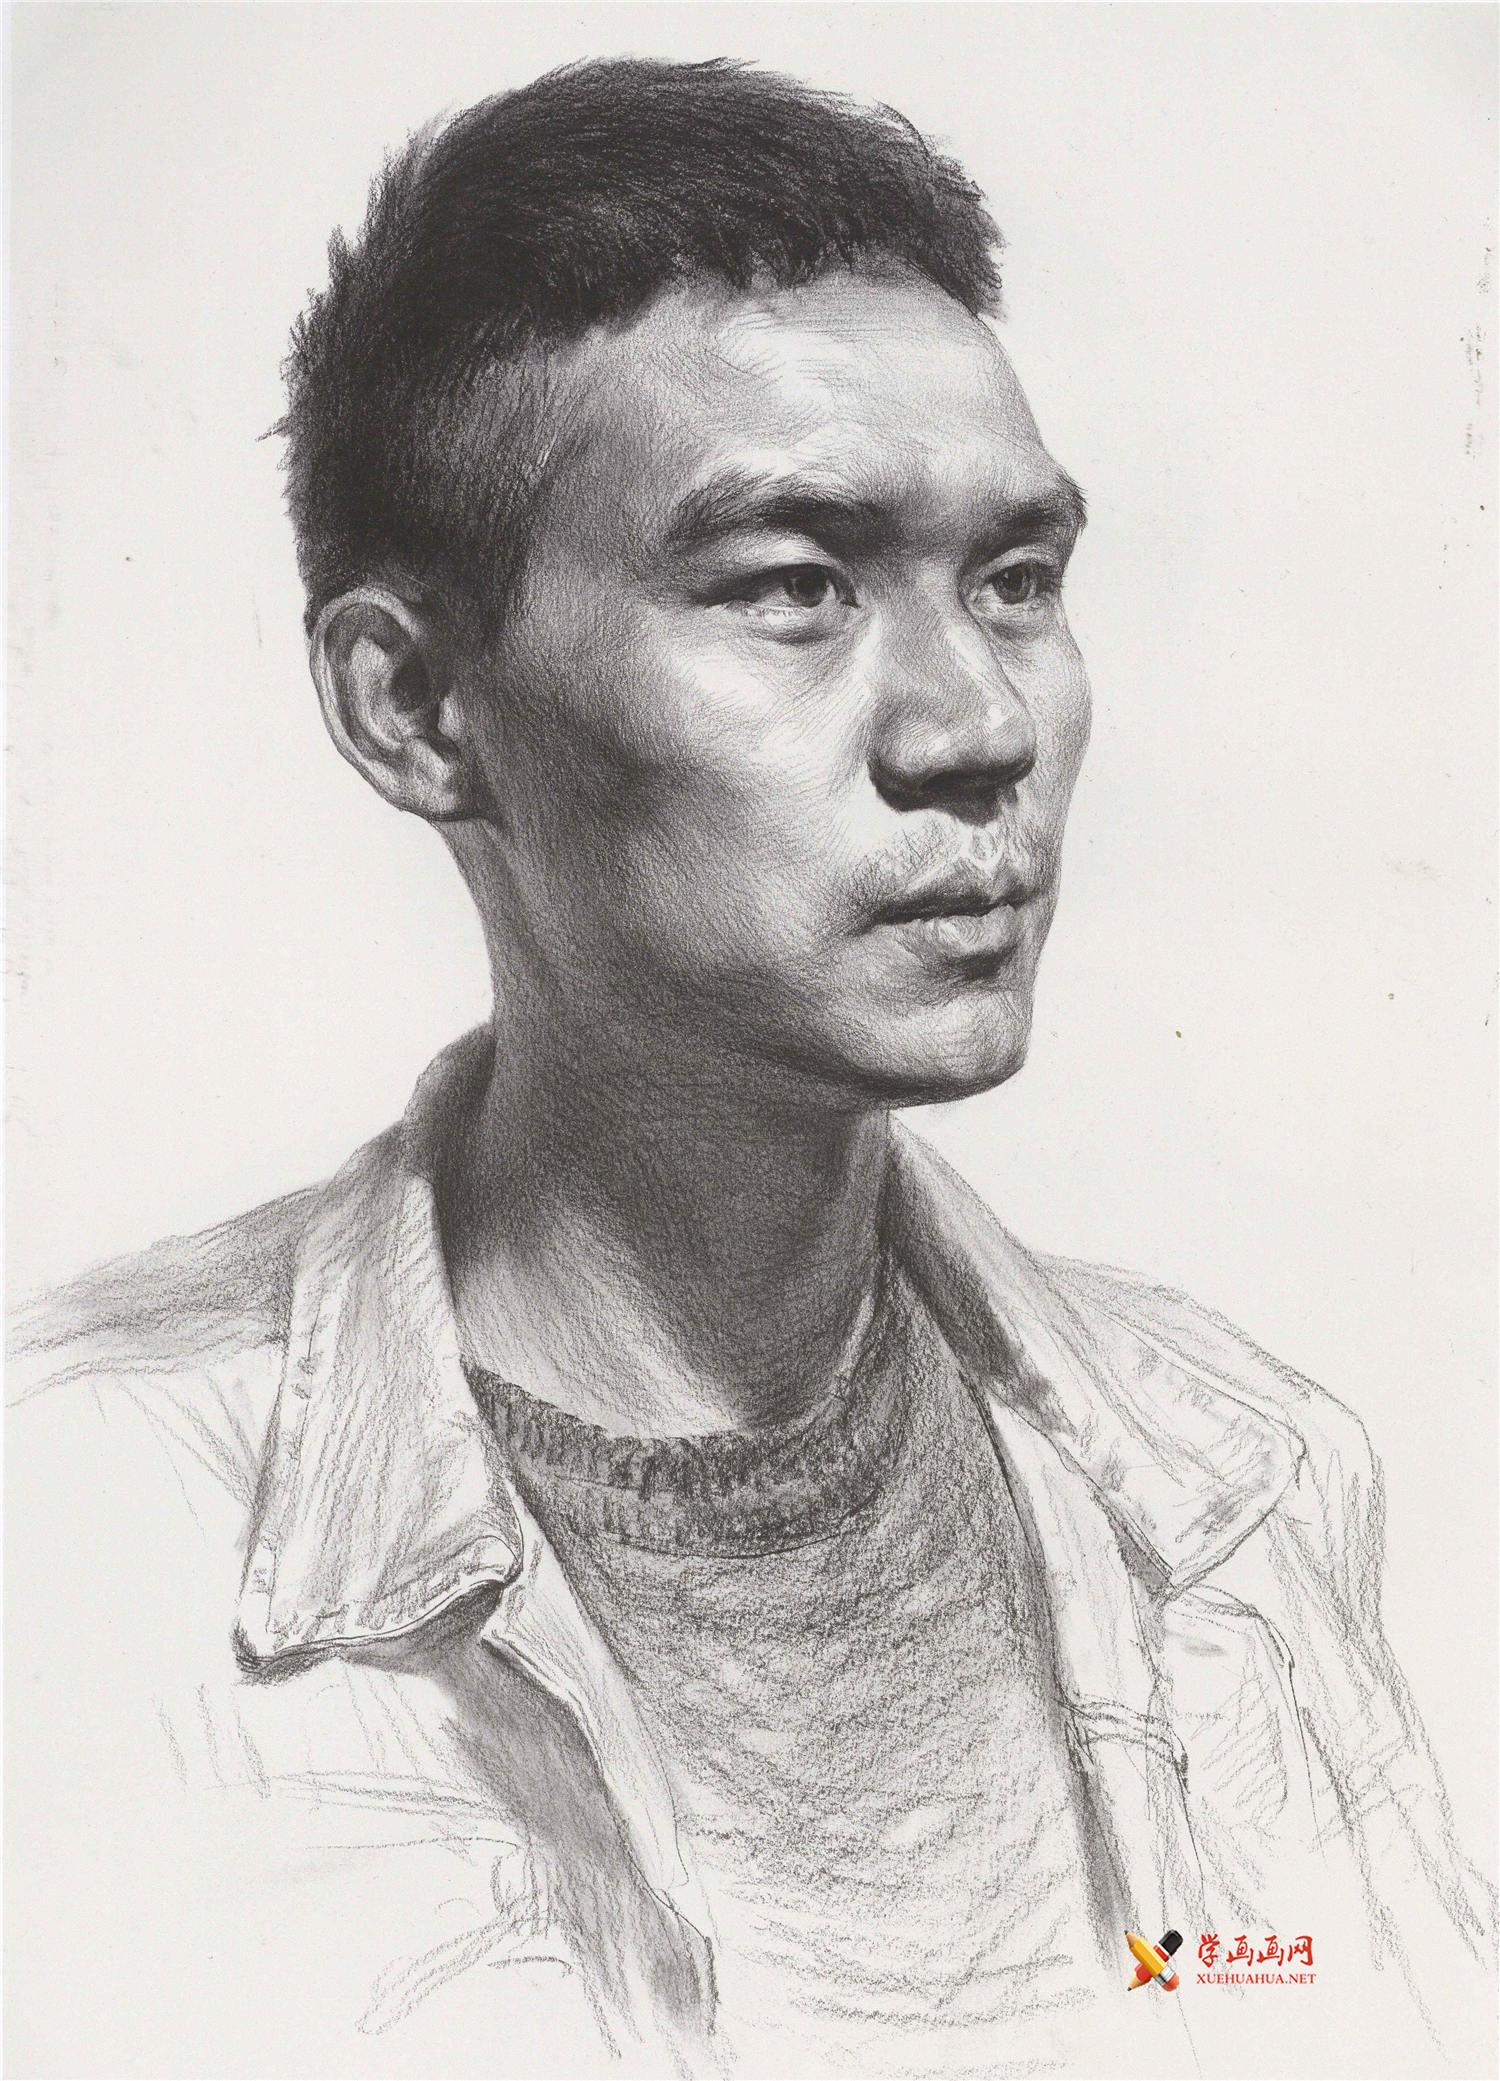 怎么画头像素描?人物素描的画法高清图片临摹素材(1)